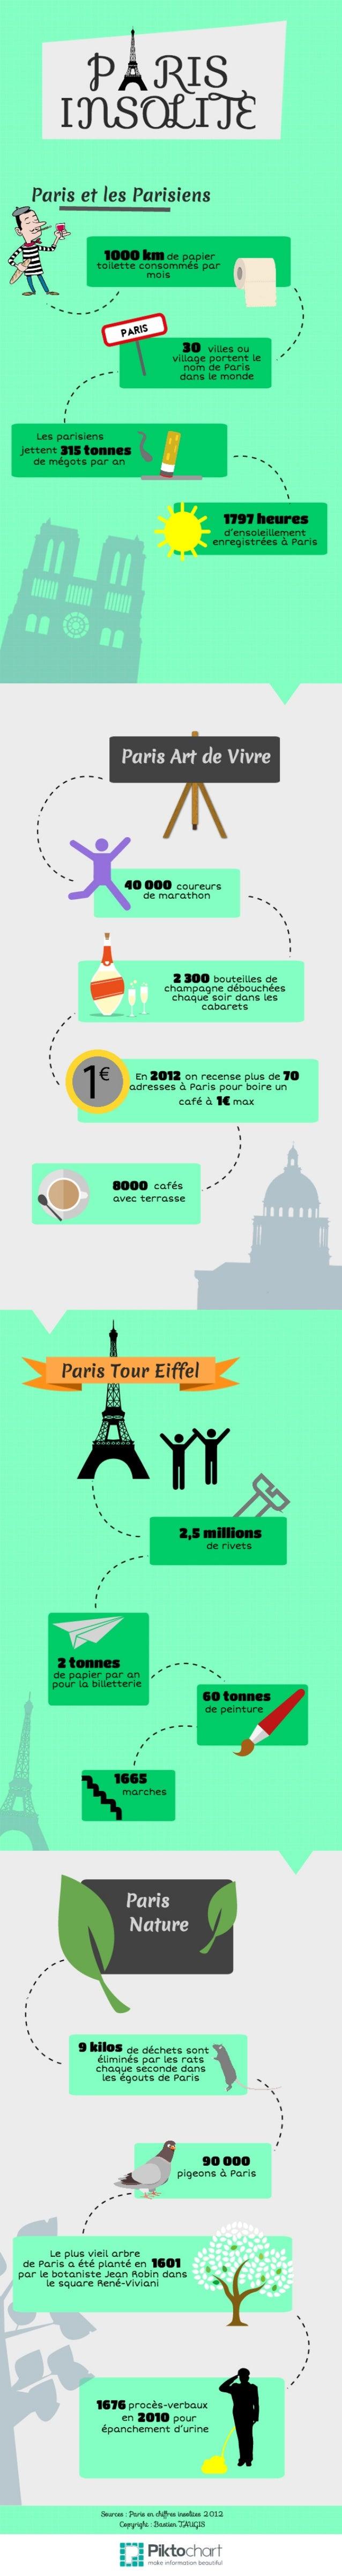 """Infographie """" Paris Insolite """" réalisée par Bastien TAUGIS"""